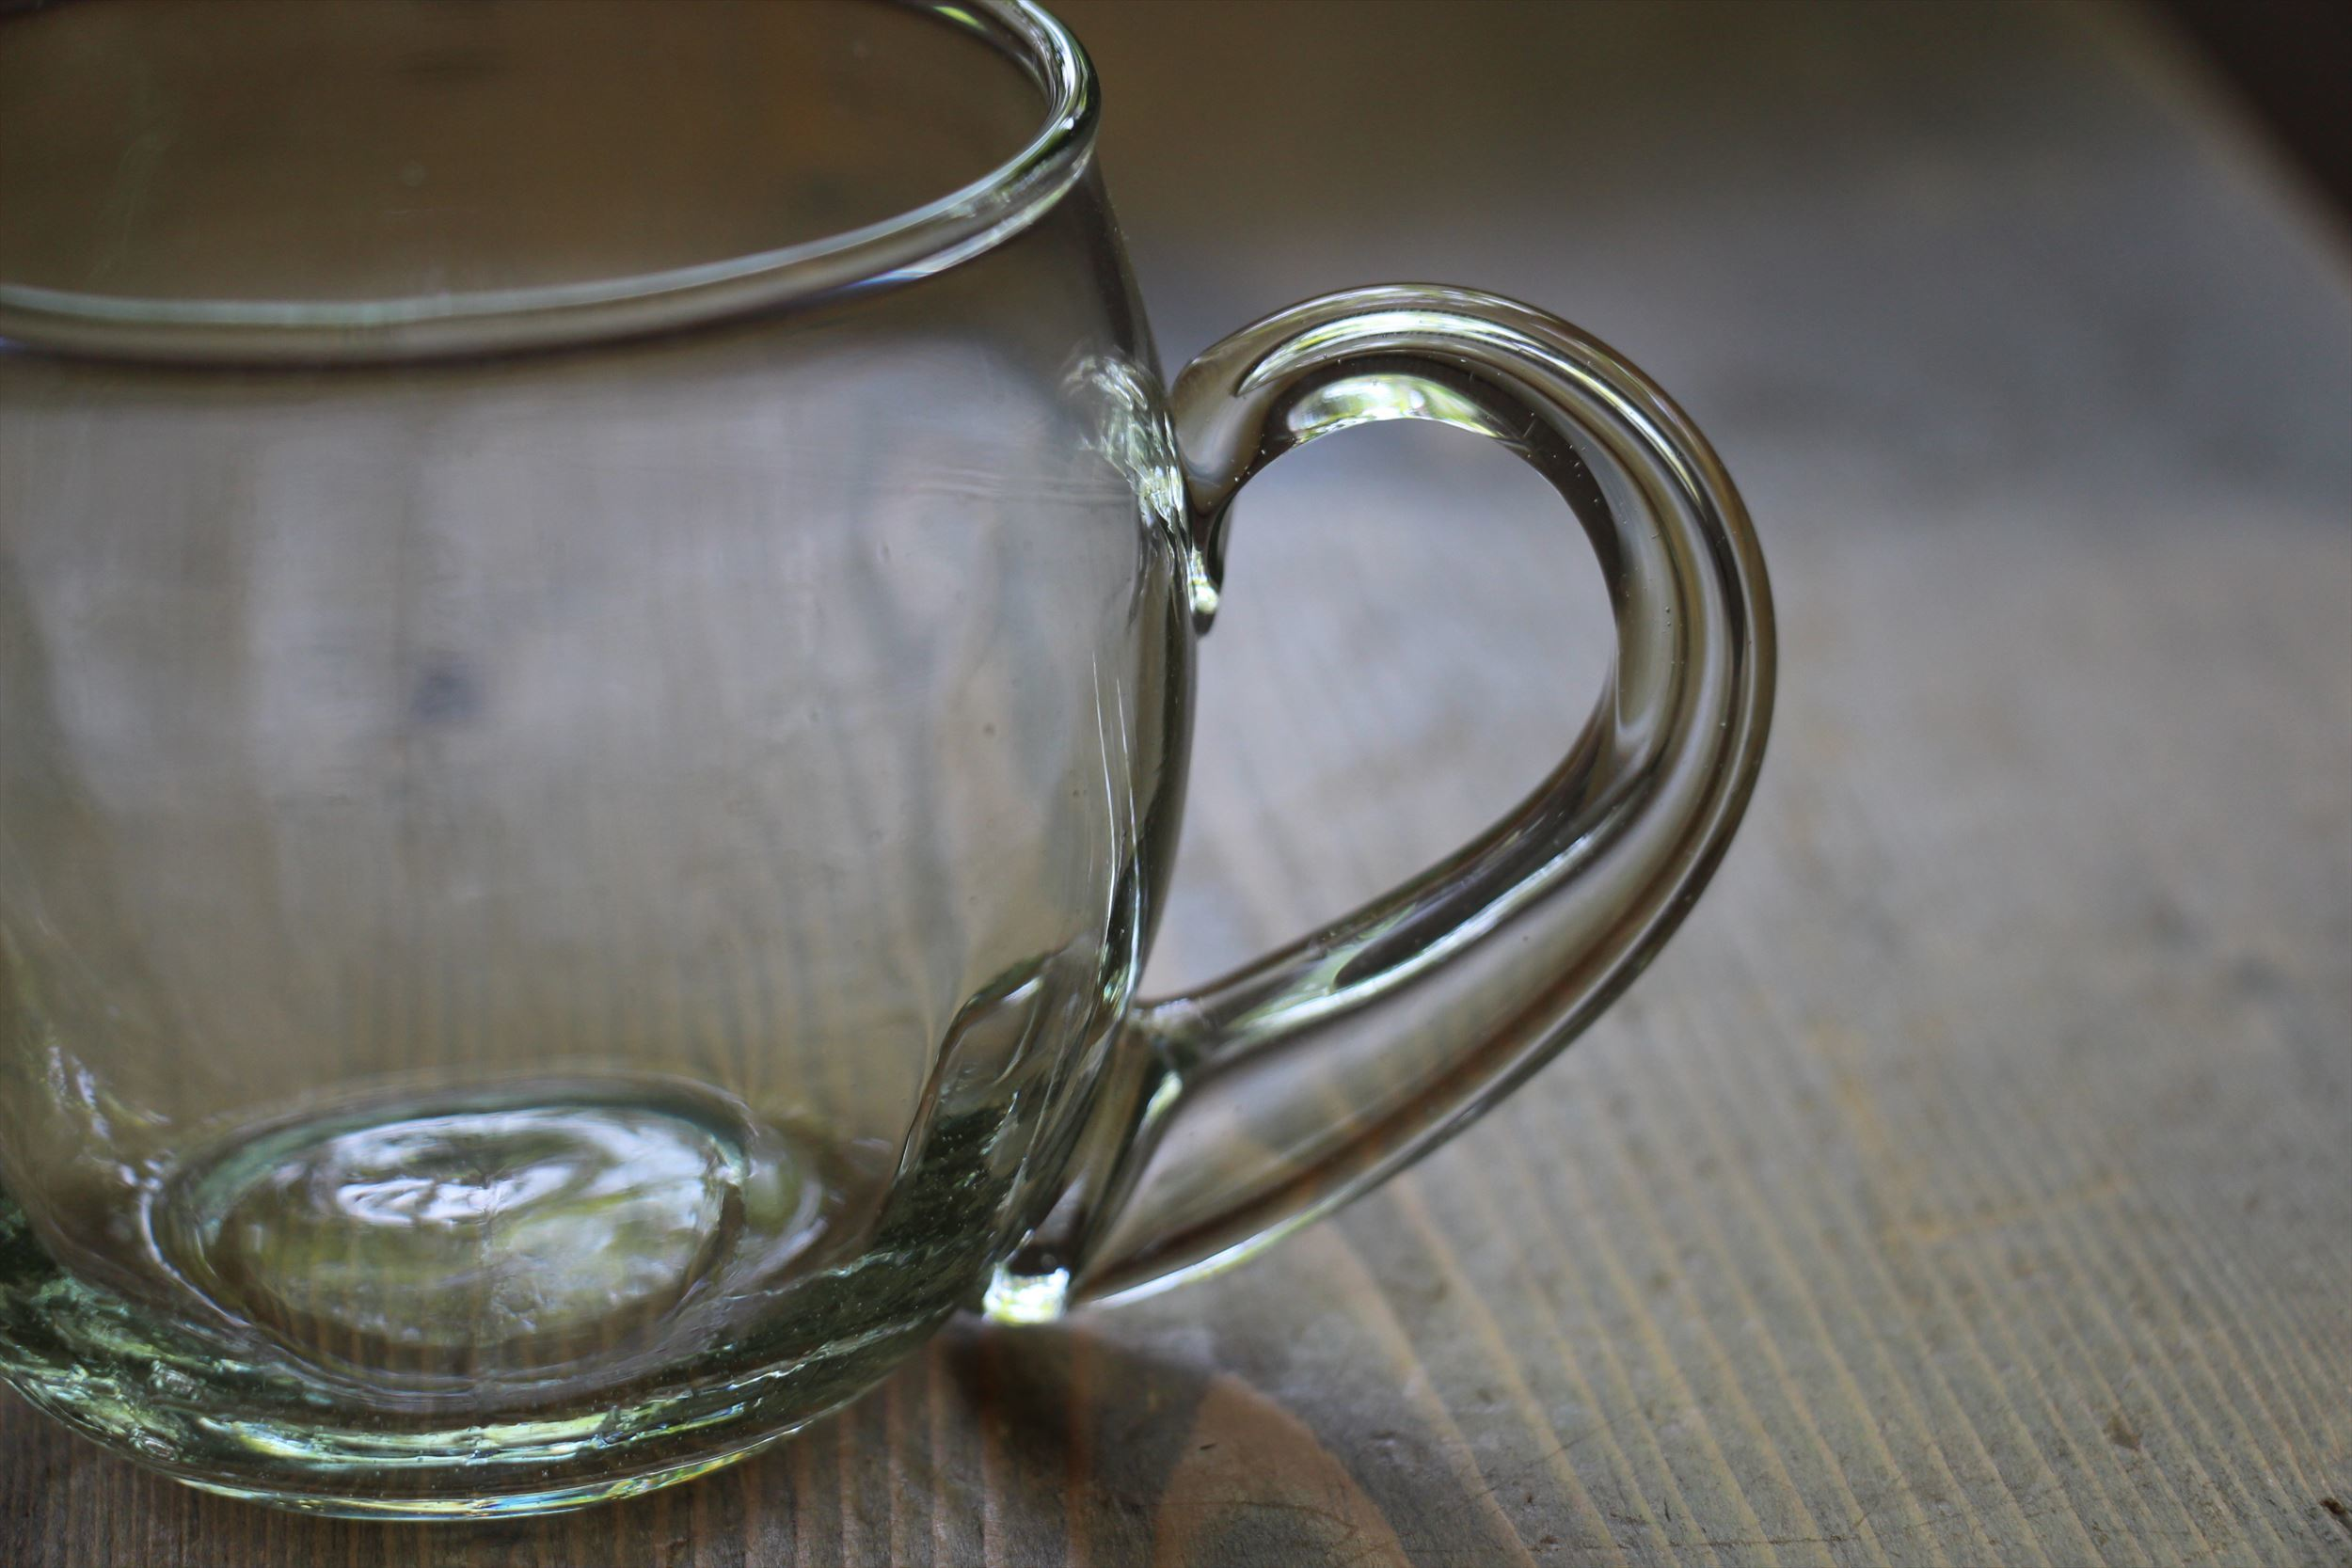 リューズガラス ピッチャー_b0165512_18274627.jpg